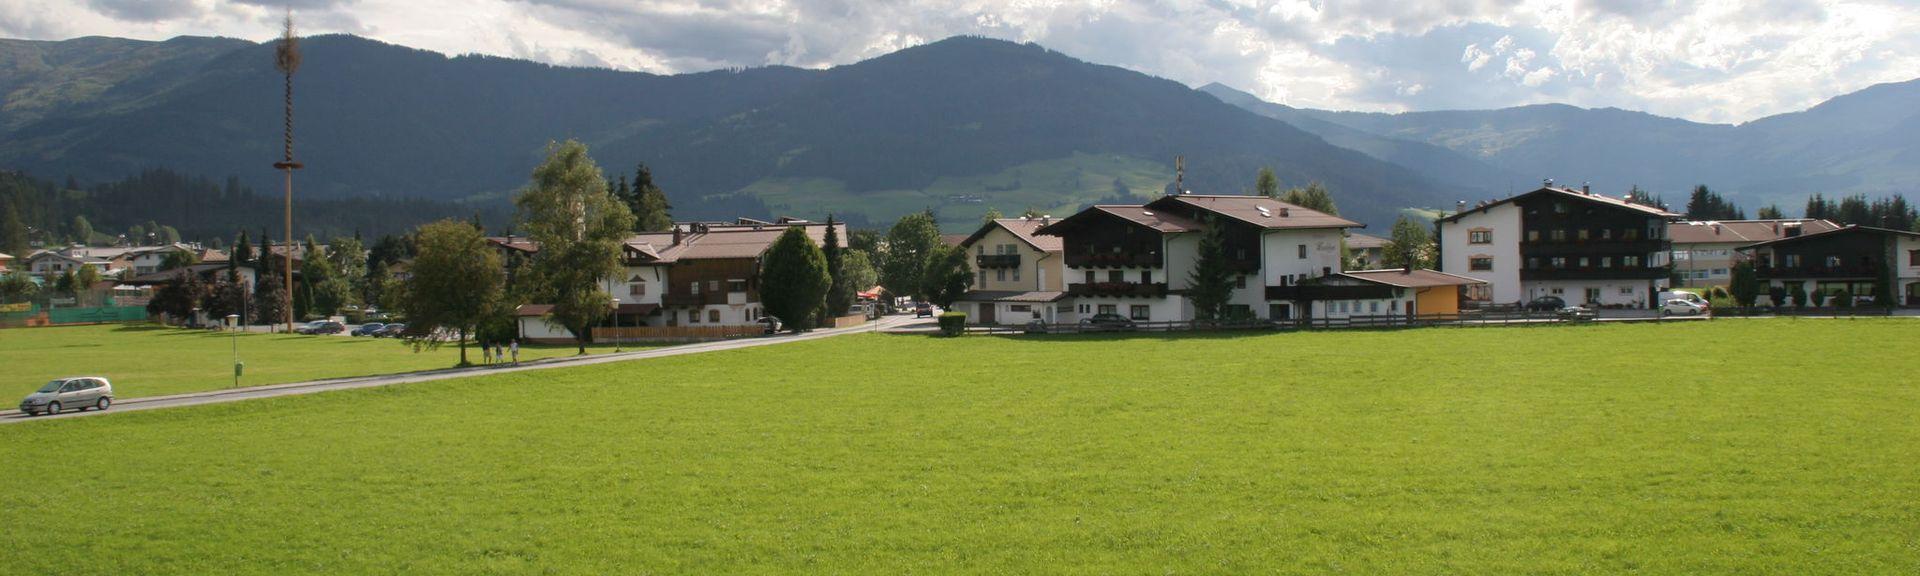 Alpeniglu Dorf, Tirol, Österreich